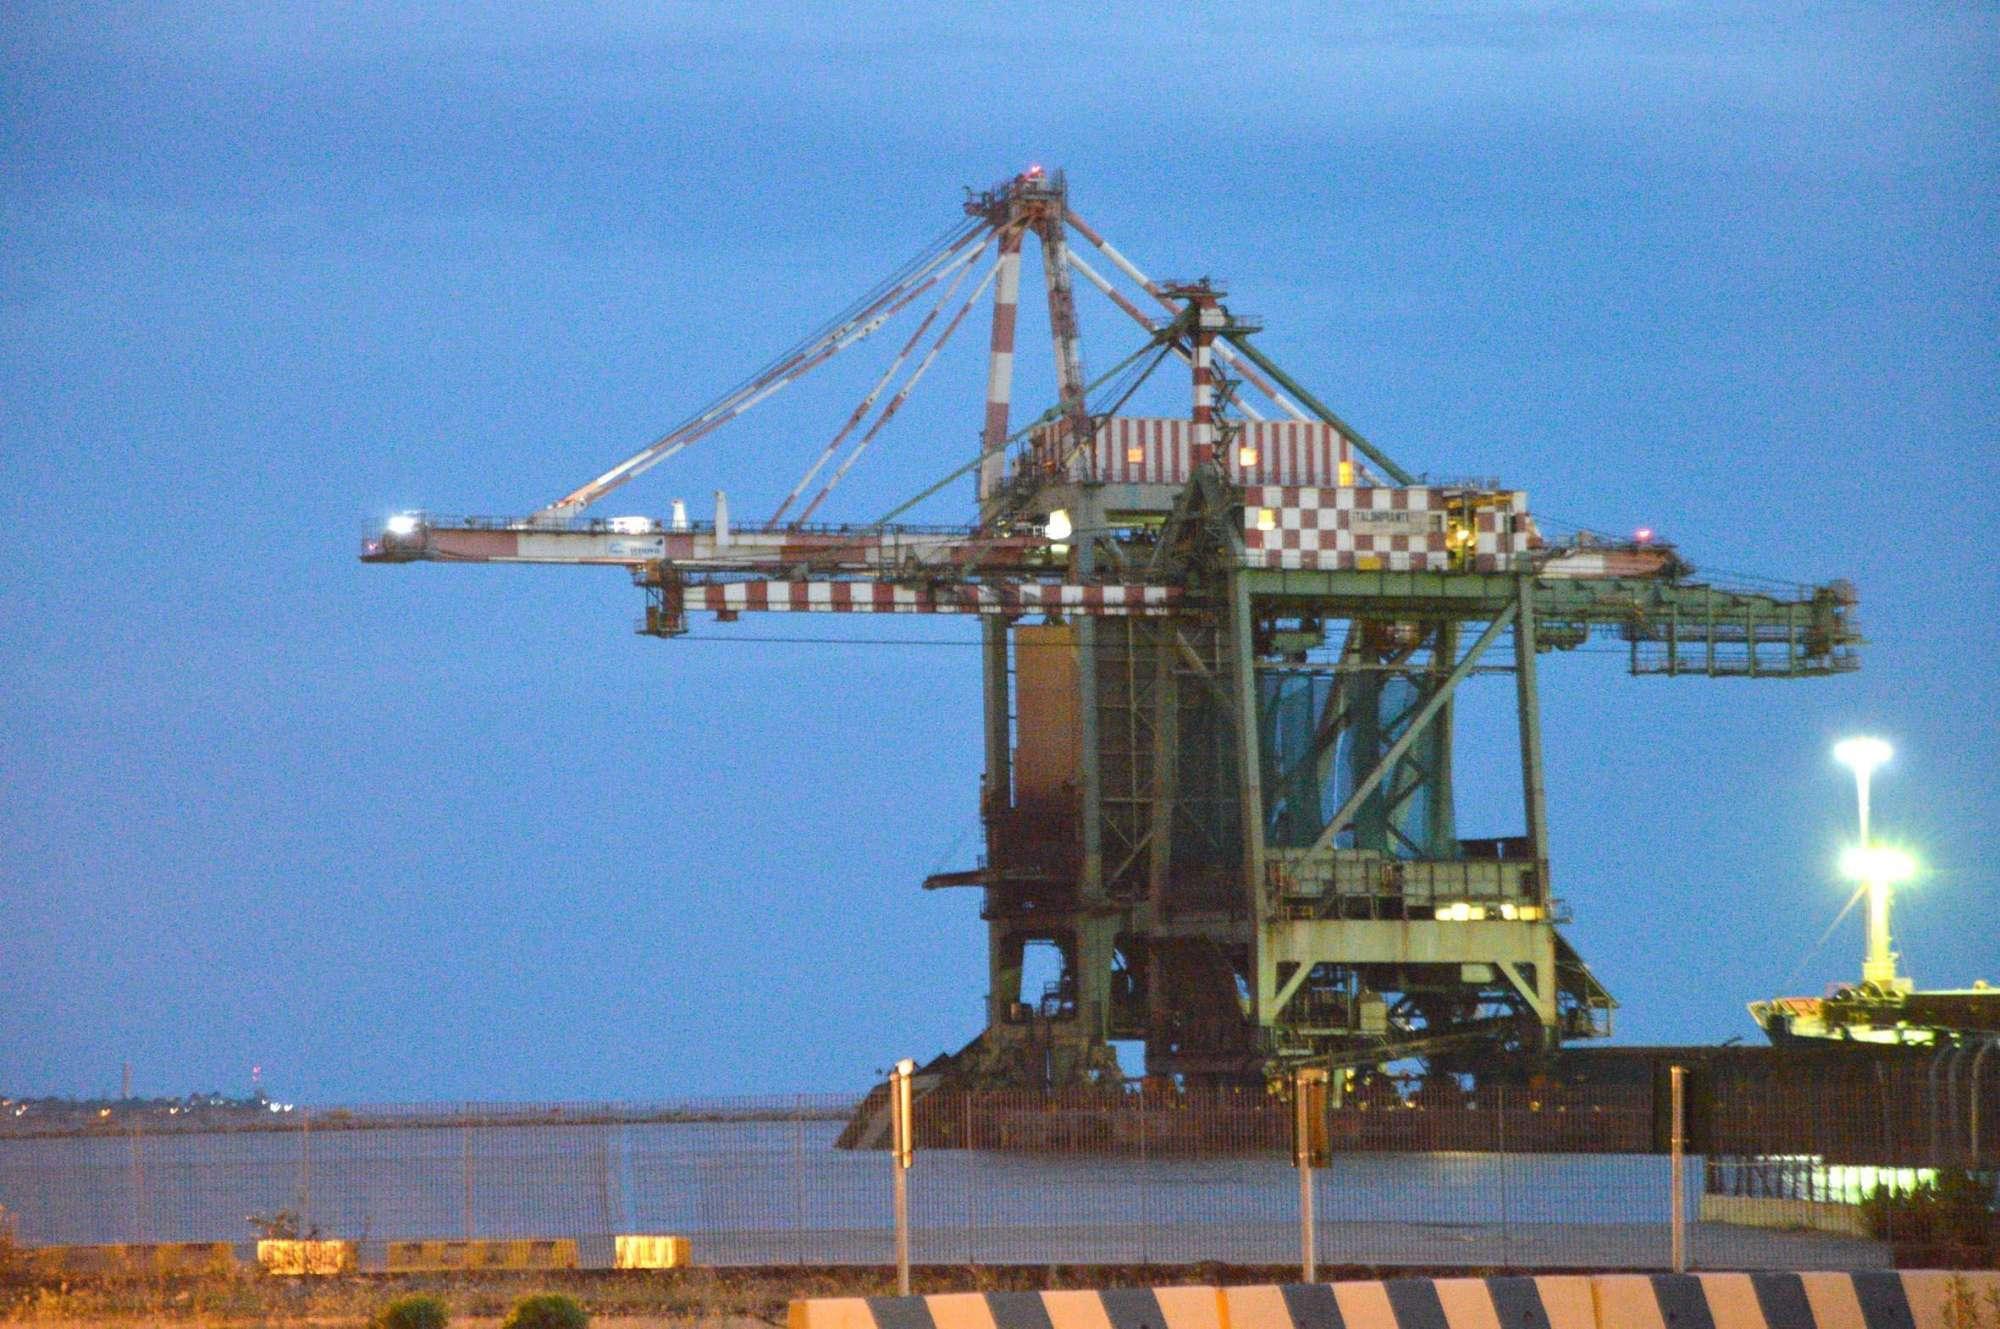 Maltempo a Taranto, gru precipita in mare: disperso un operaio